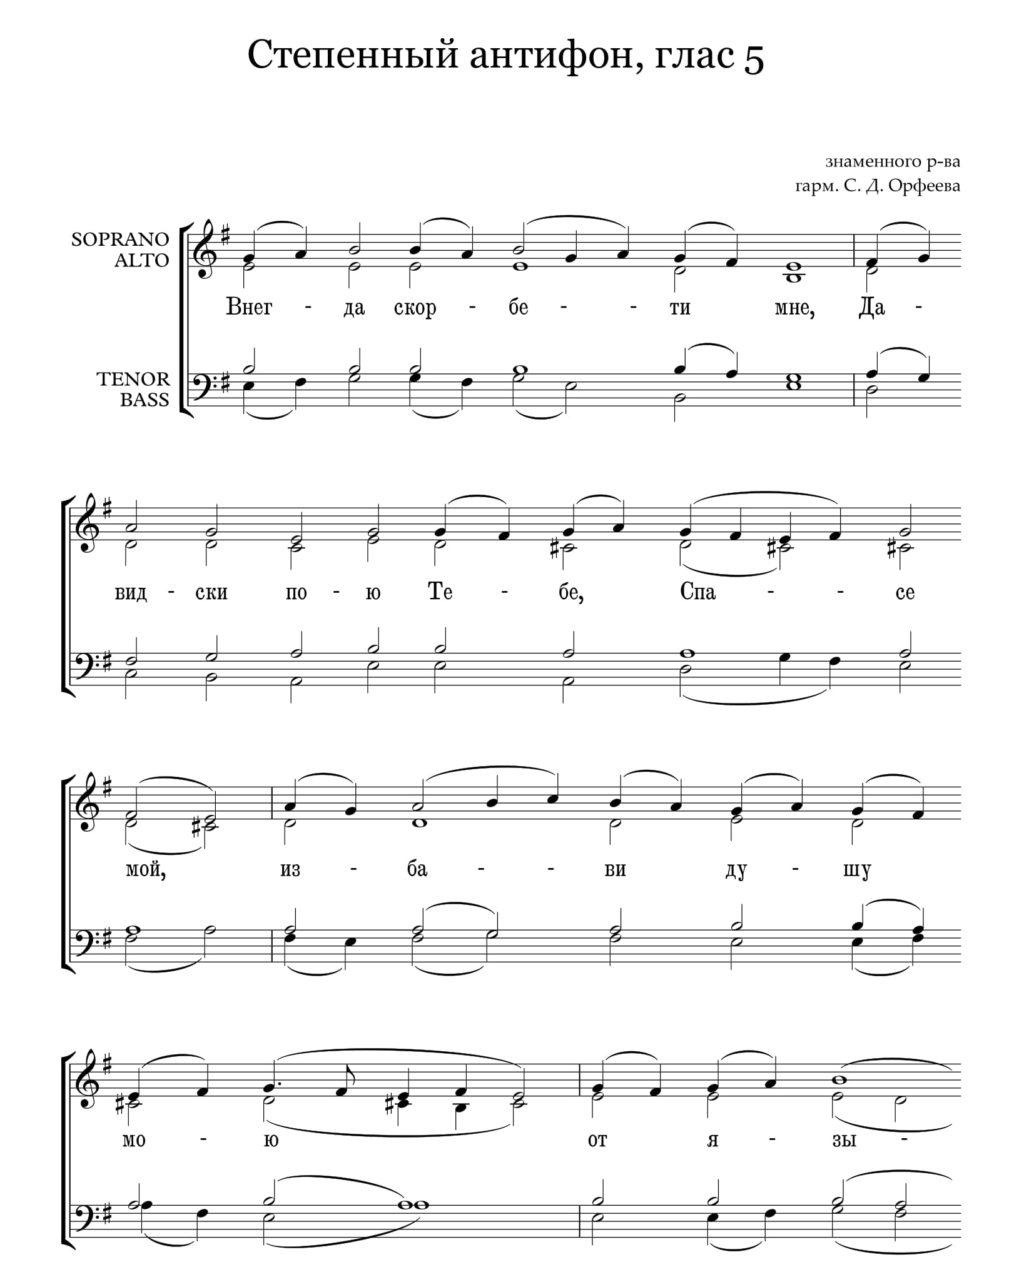 Степенный Антифон, глас 5 (Знаменный распев, гарм. С. Д. Орфеева)